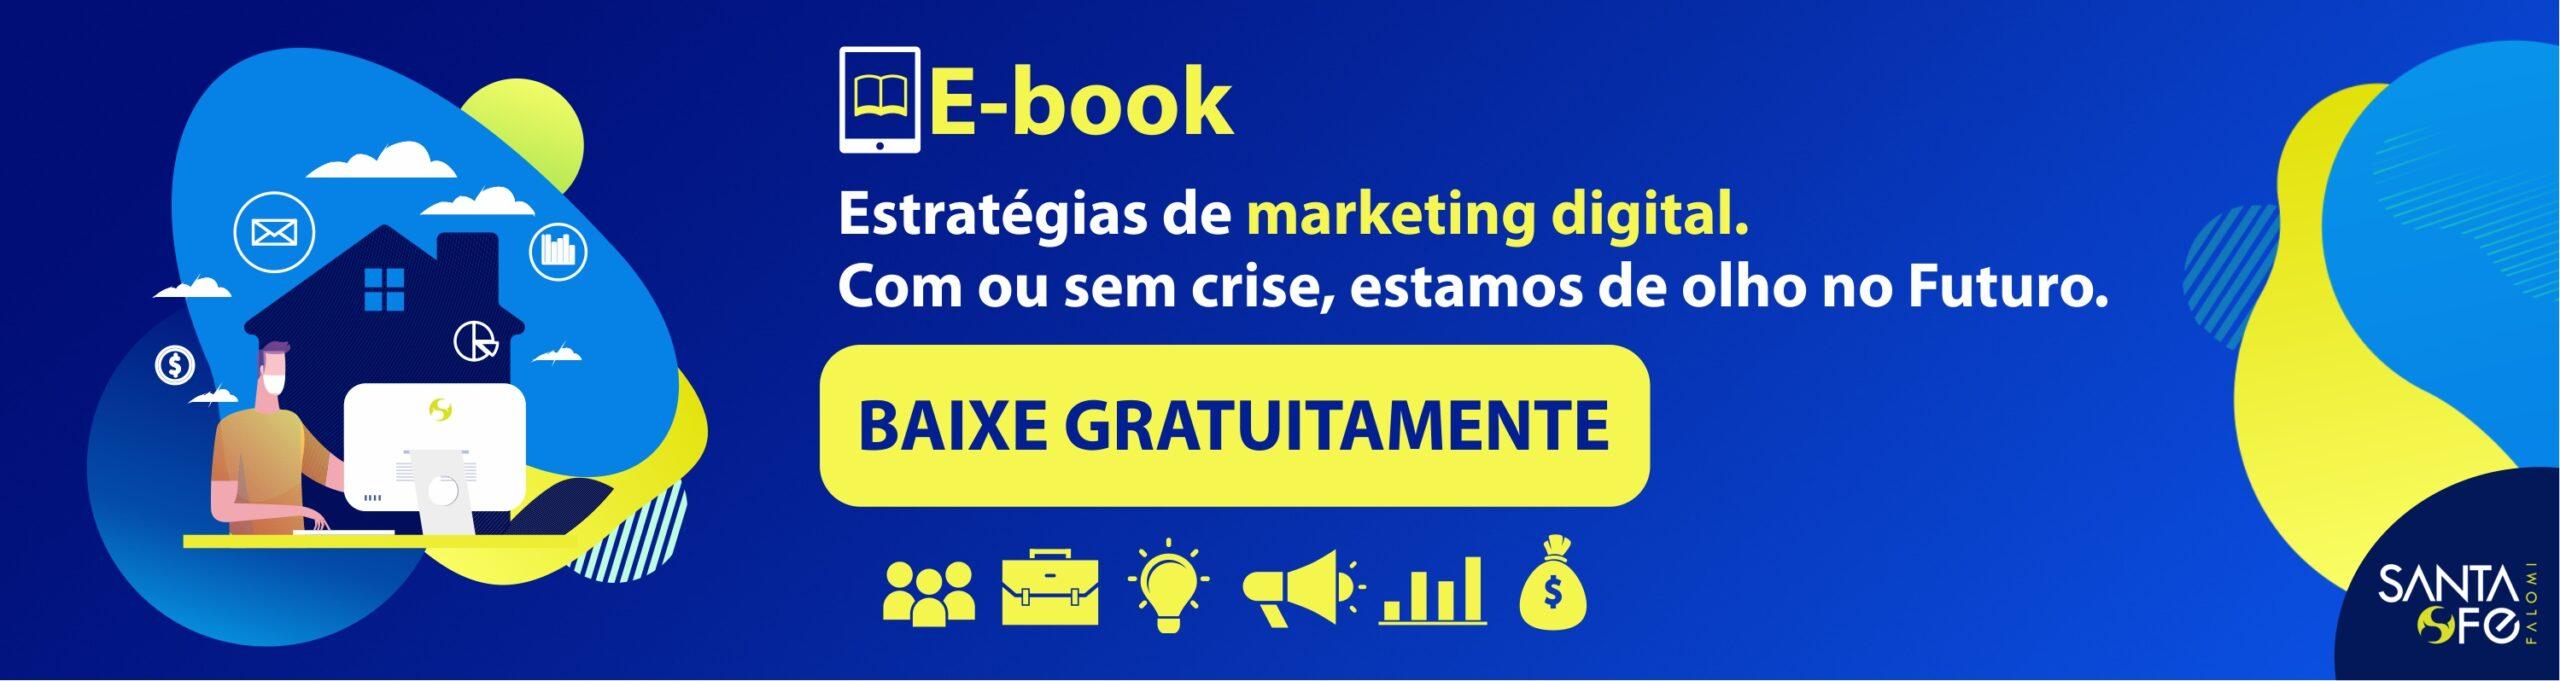 Ebook - Marketing Digital para momento de crise